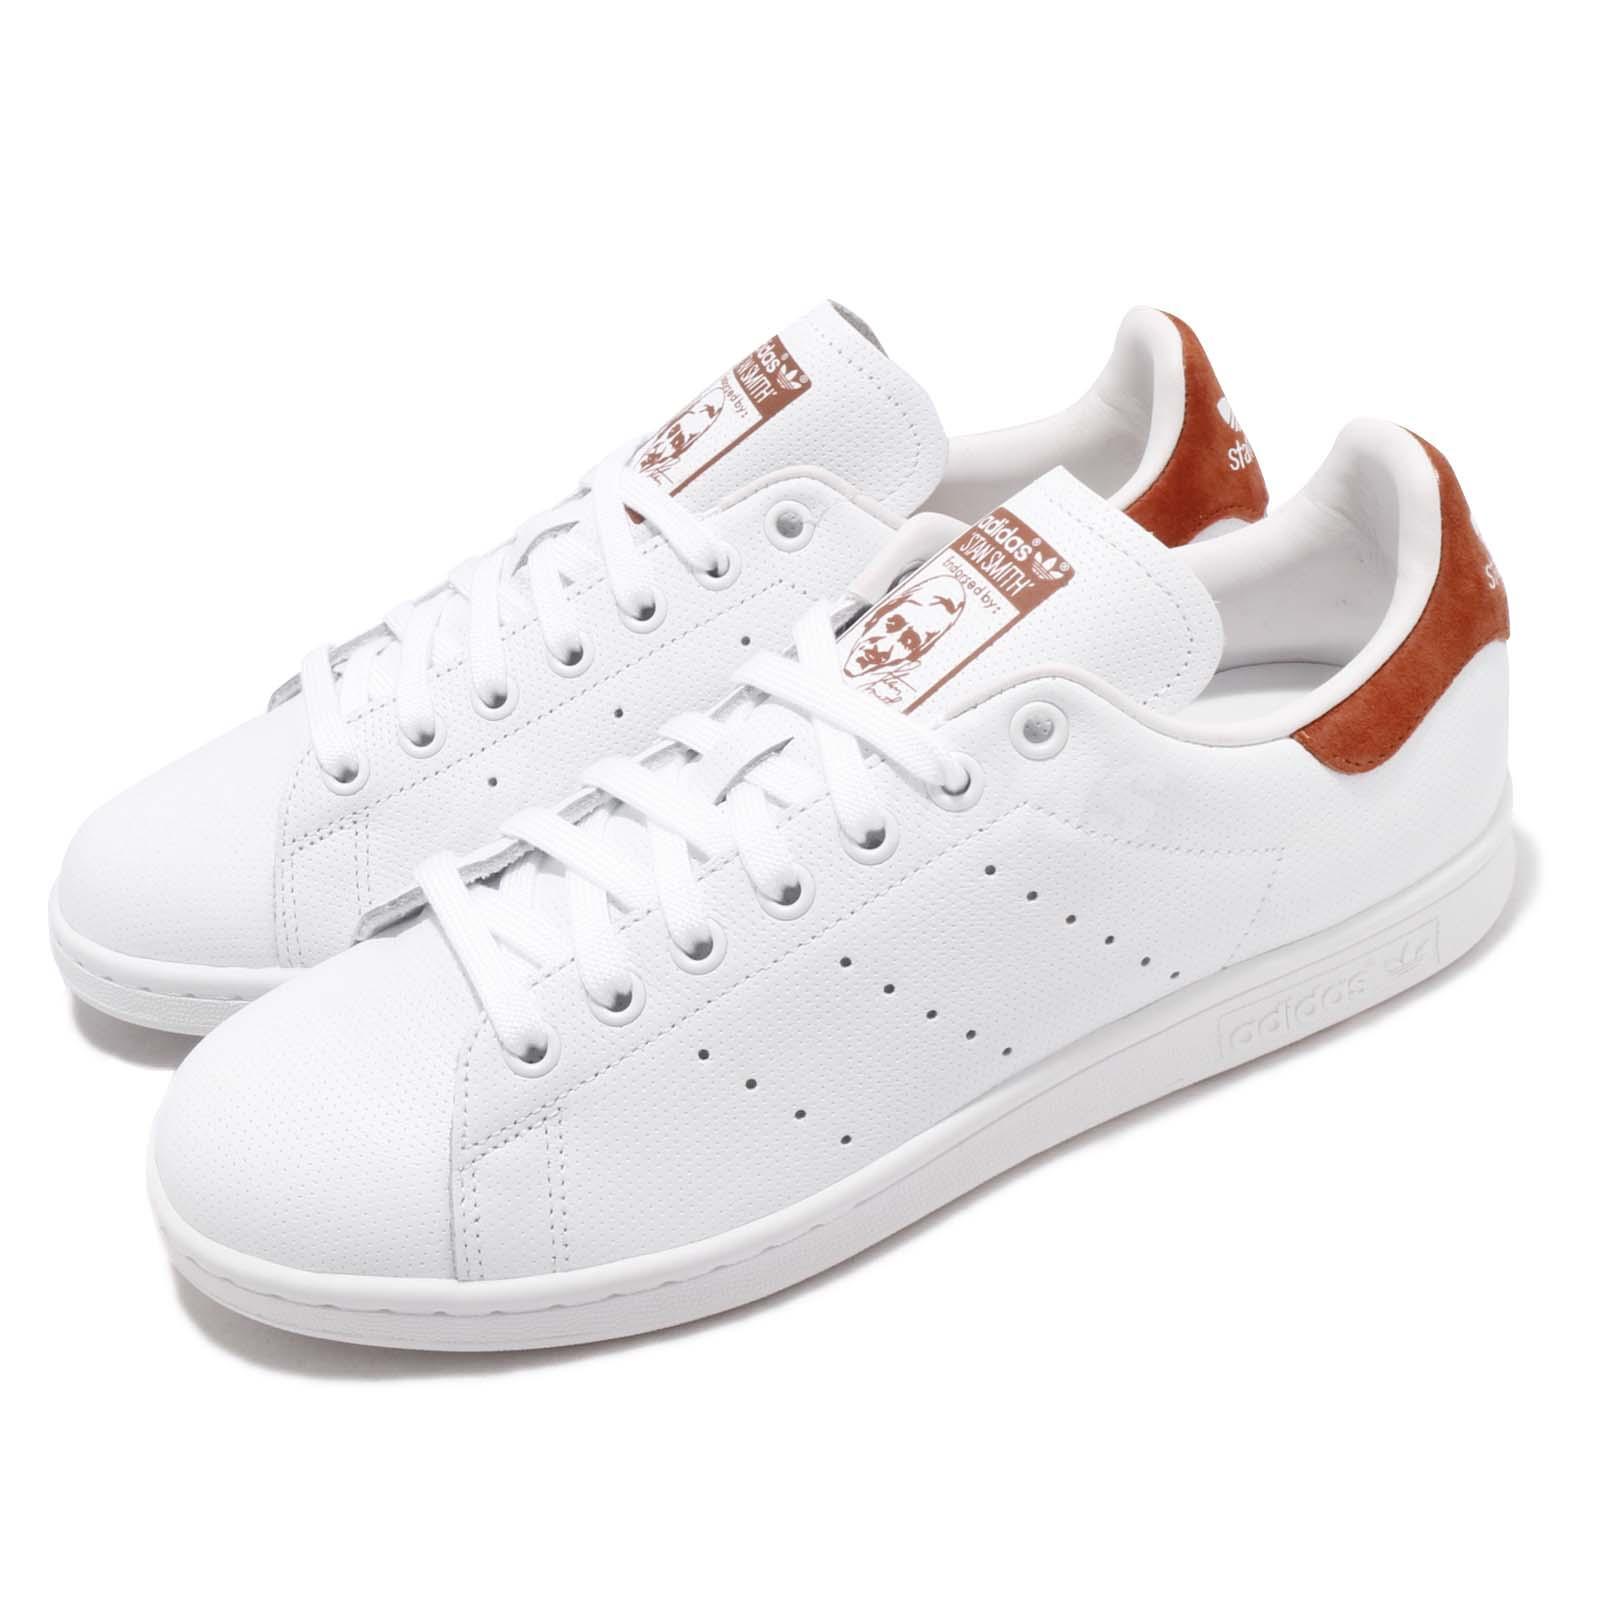 Detalles de Zapatos Adidas Originales Hombre Mujer Stan Smith B38040 Blanco Marrón Nuevos